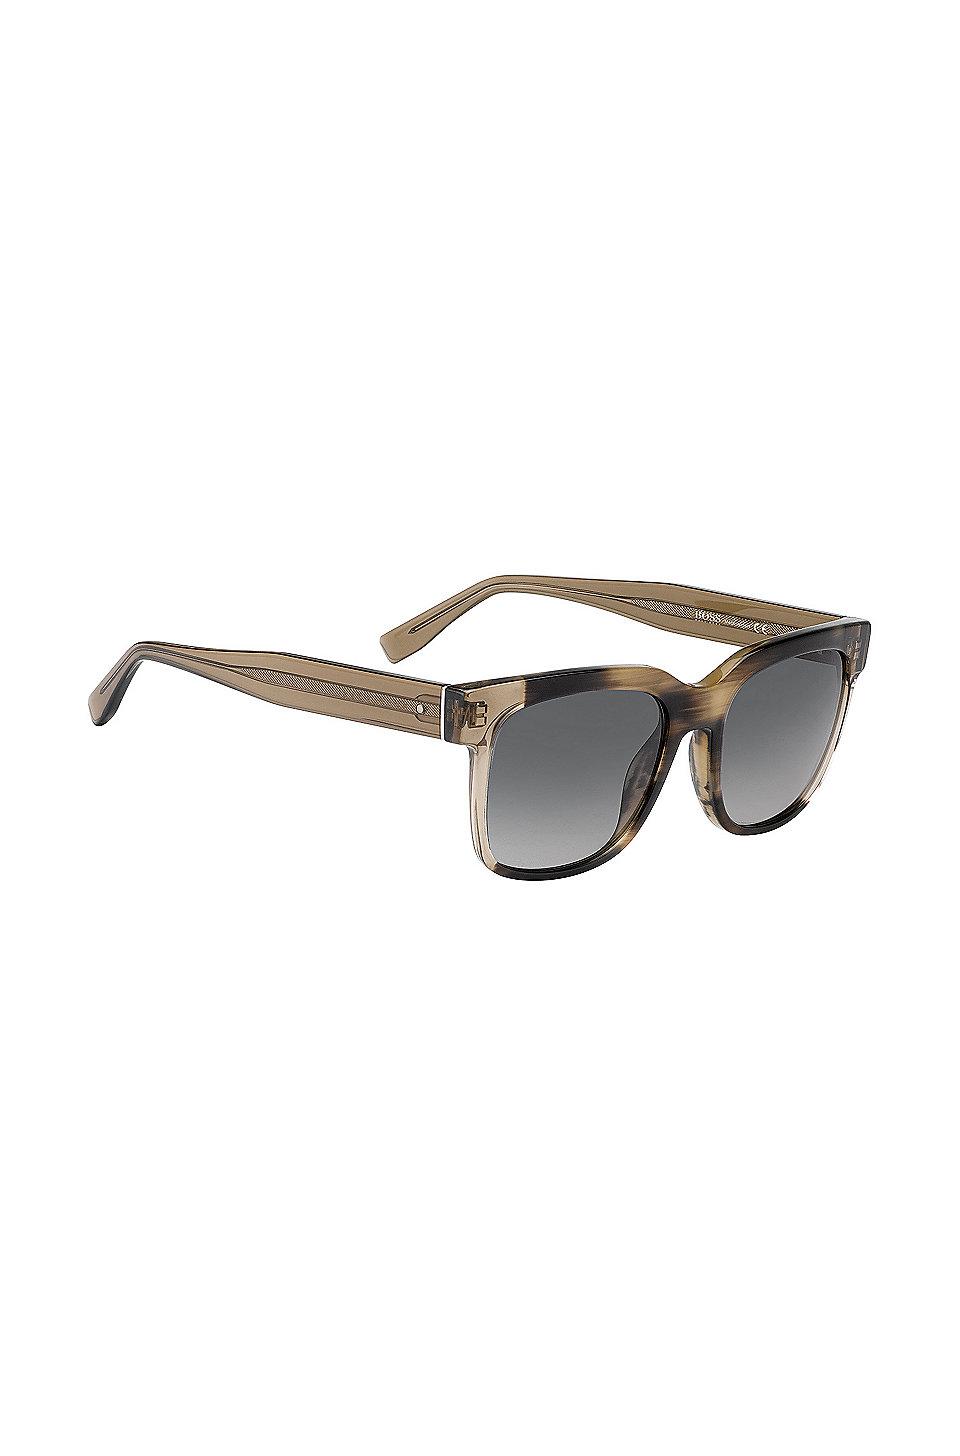 Sonnenbrille: 'BOSS 0735/S' YKivLgl